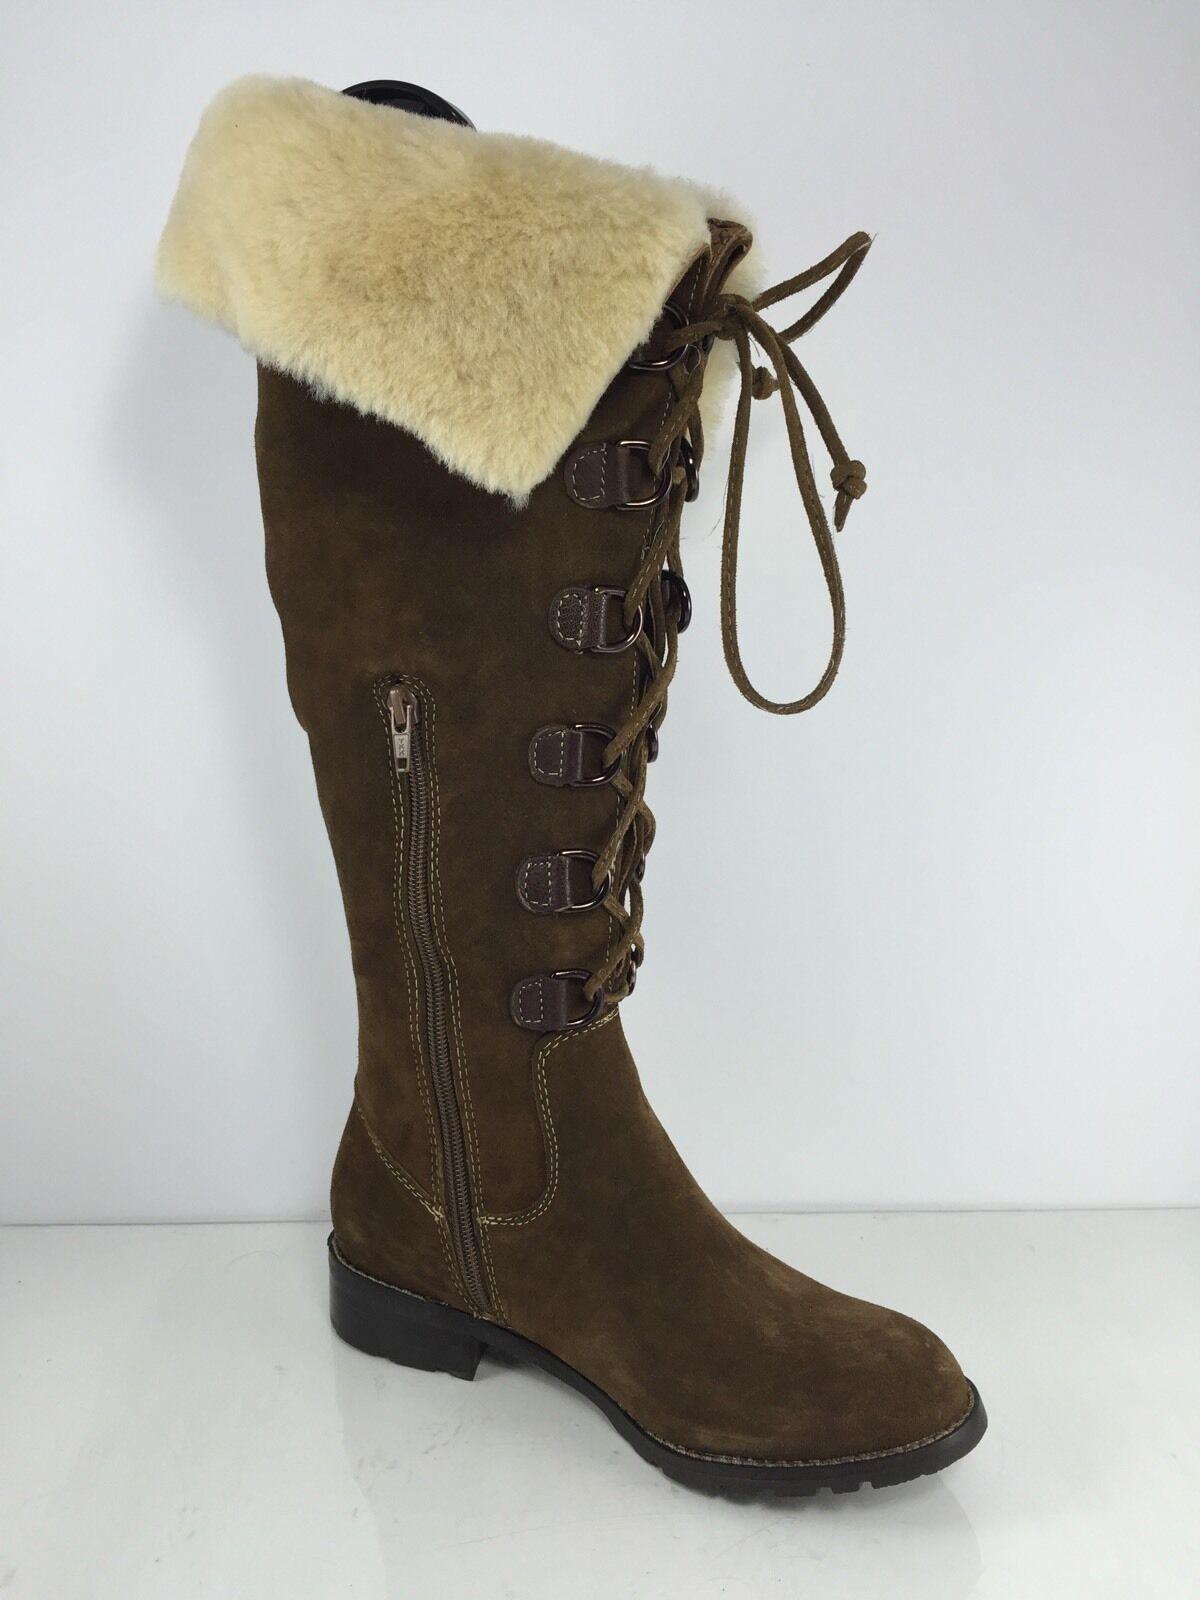 Sofft Damenschuhe Leder Braun Leder Damenschuhe Stiefel 6.5 M 6d2af3